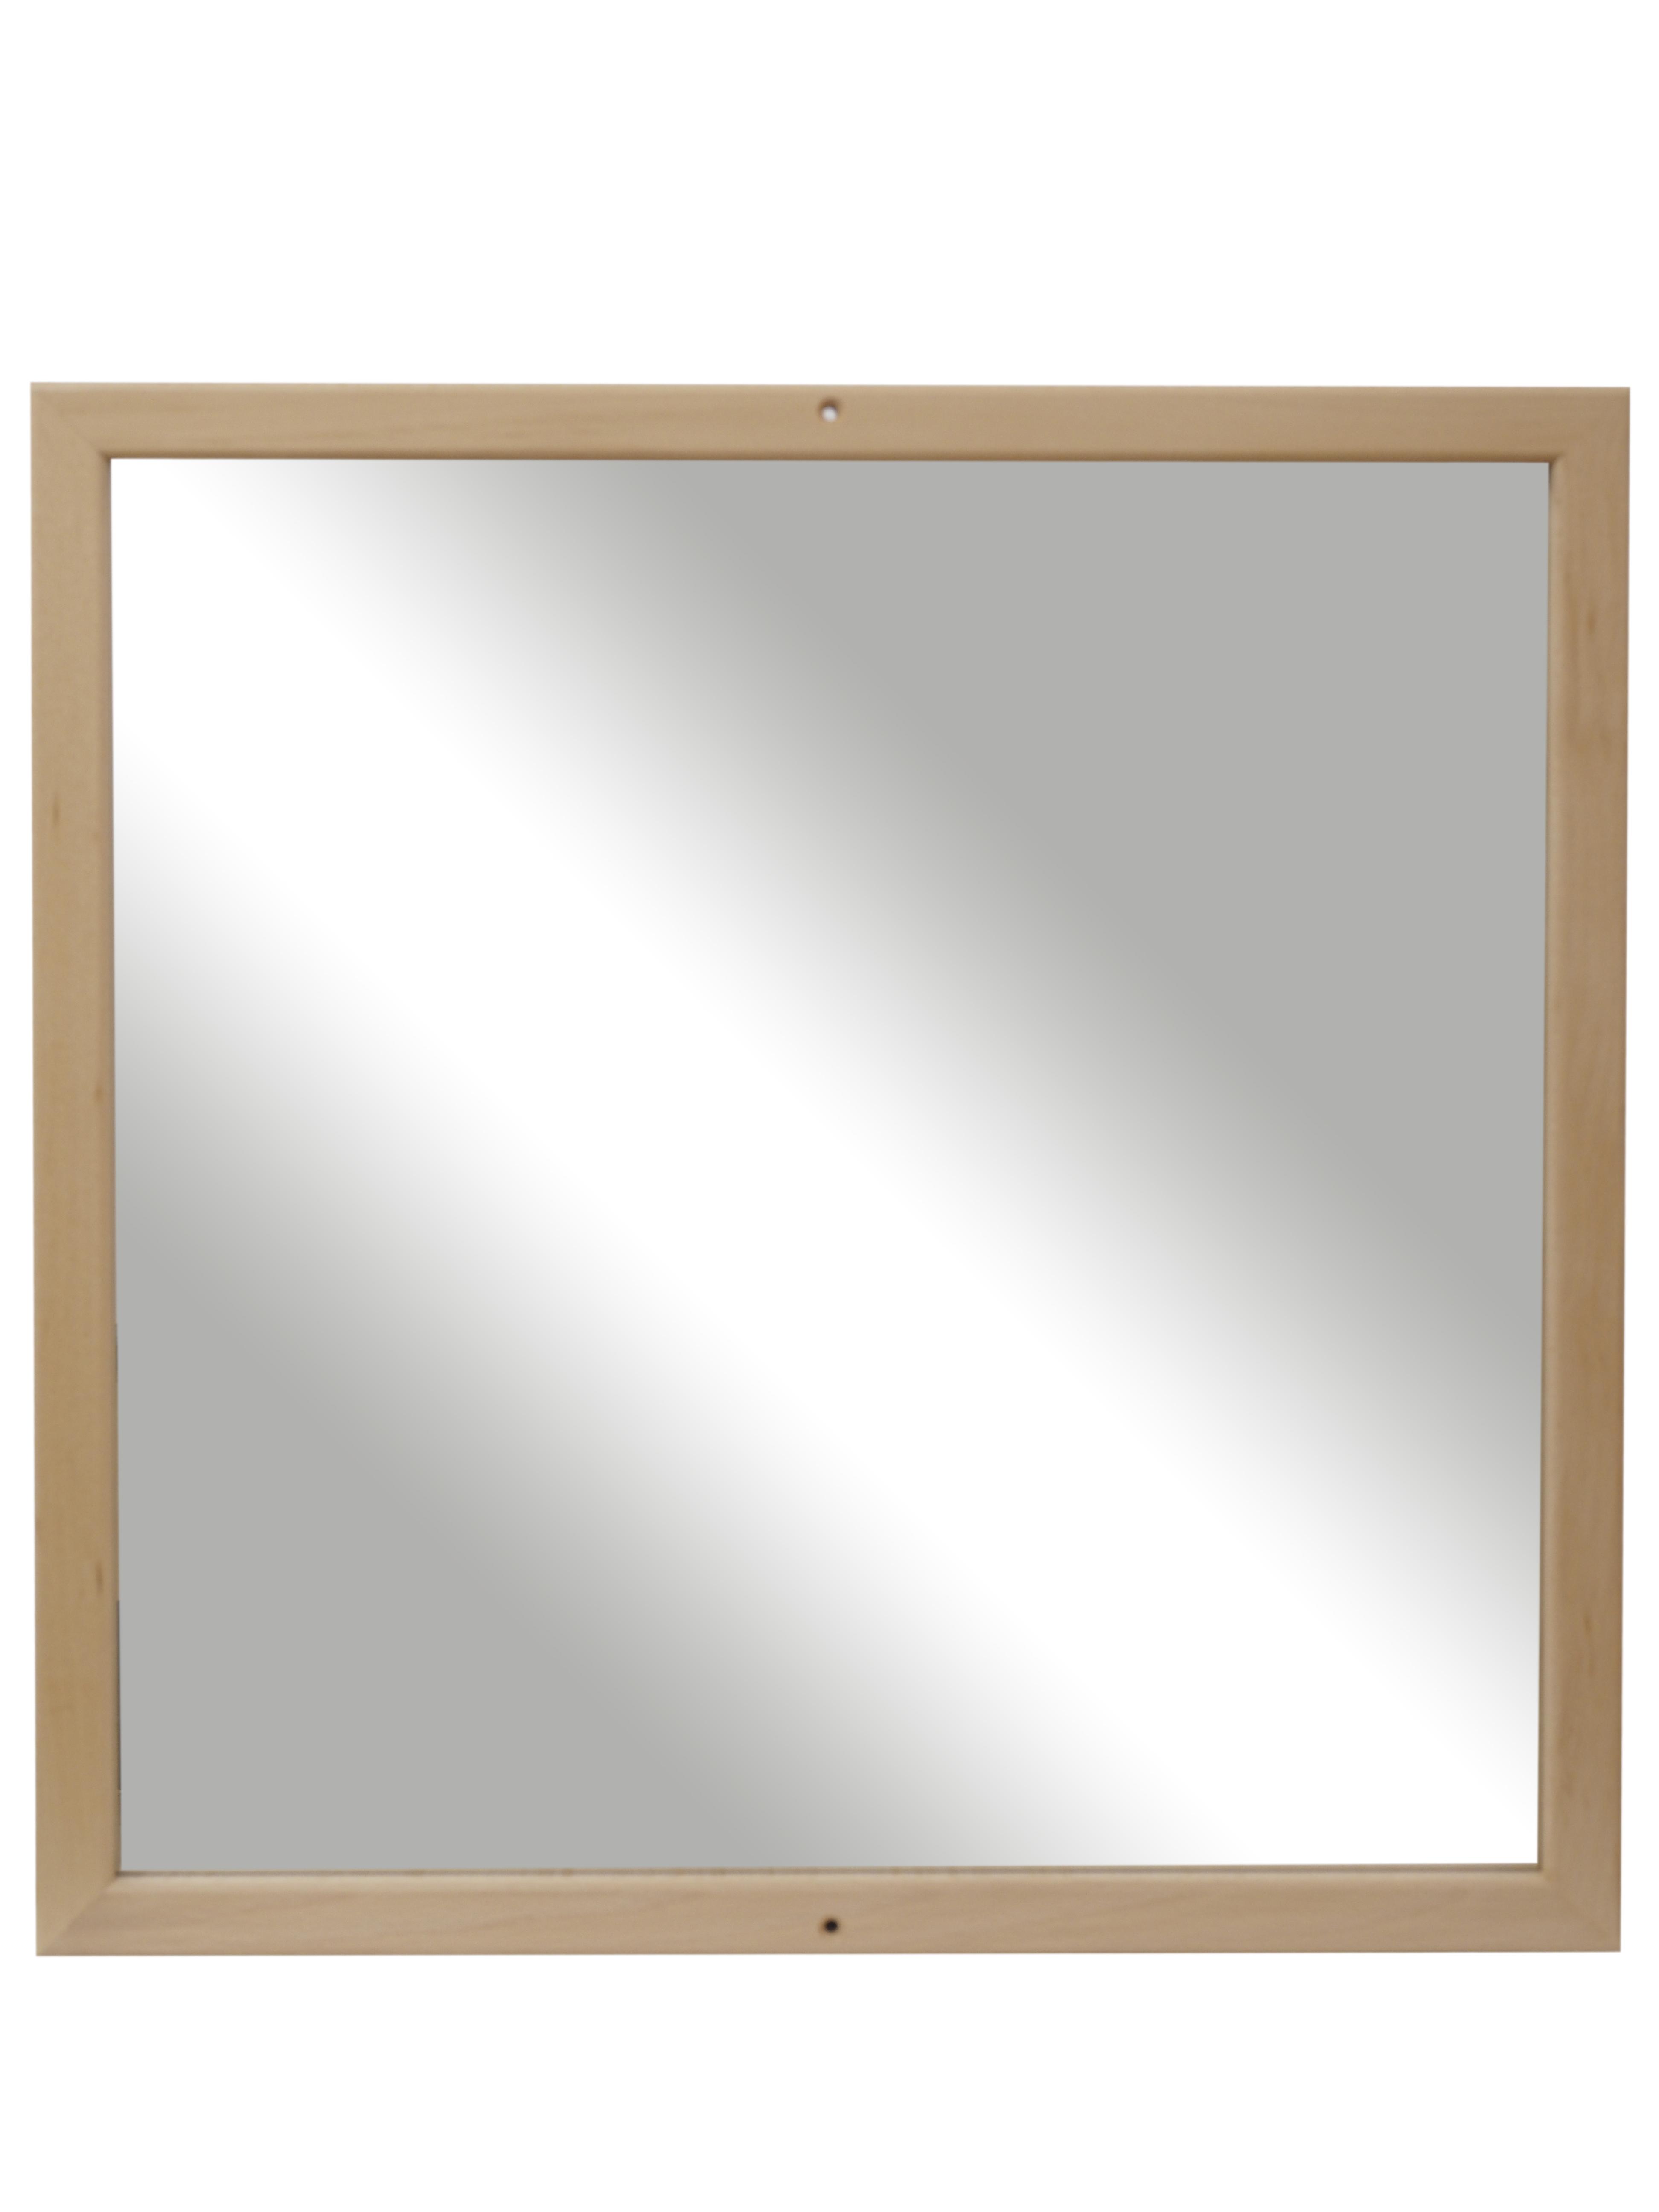 Sicherheitsglas Spiegel Quadrat